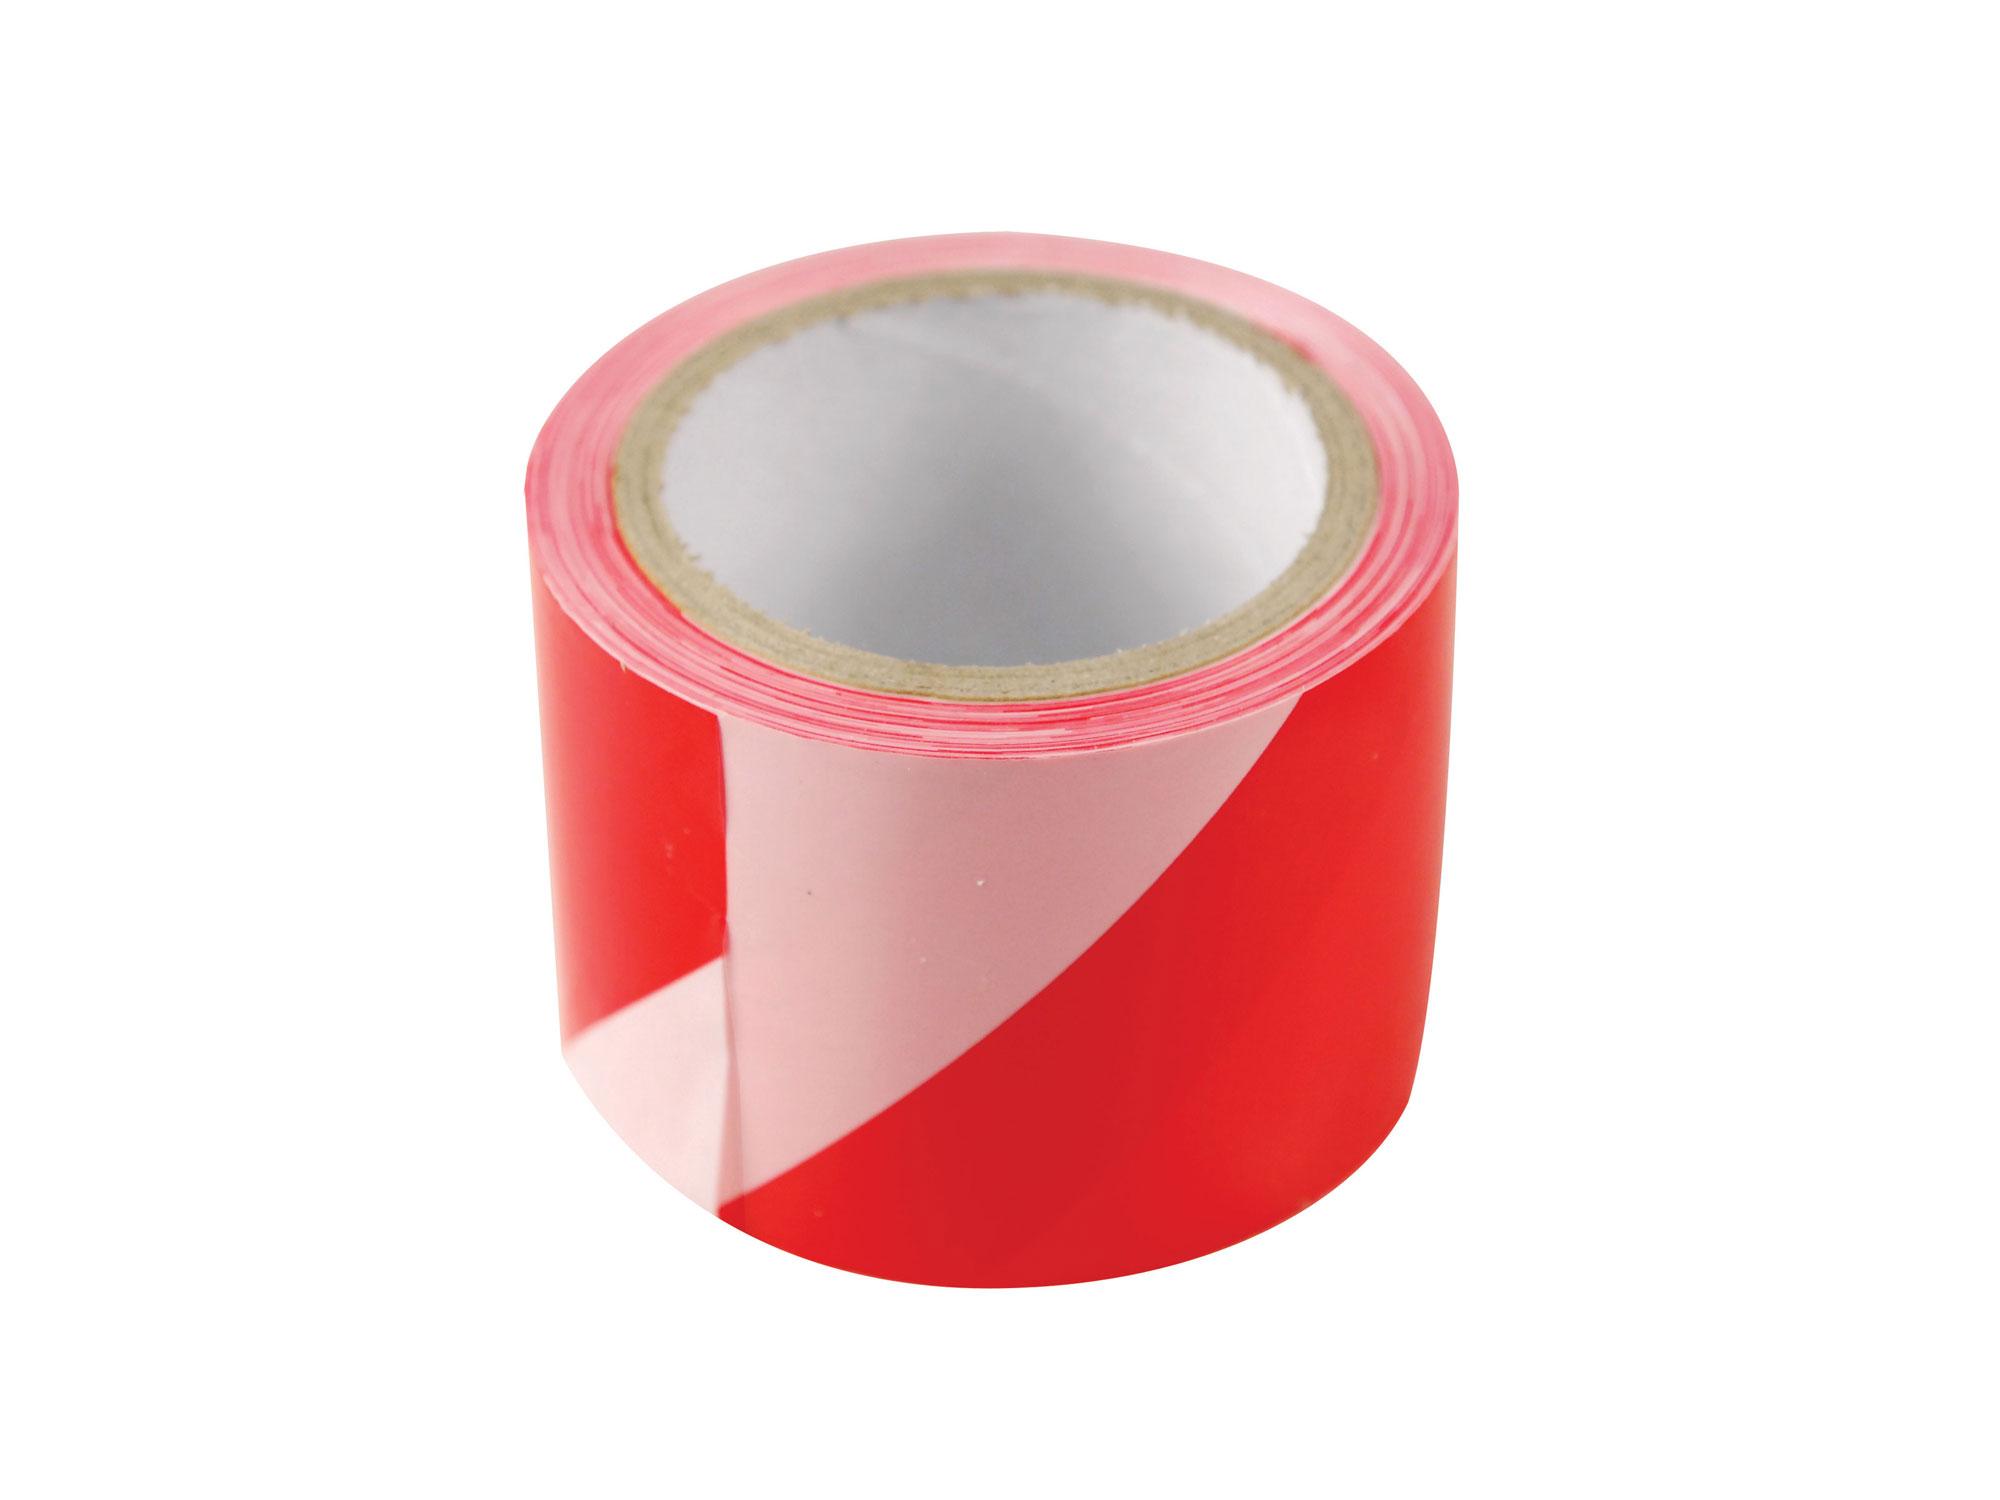 Páska výstražná červeno-bílá, 75mm x 100m, PE EXTOL CRAFT 9565